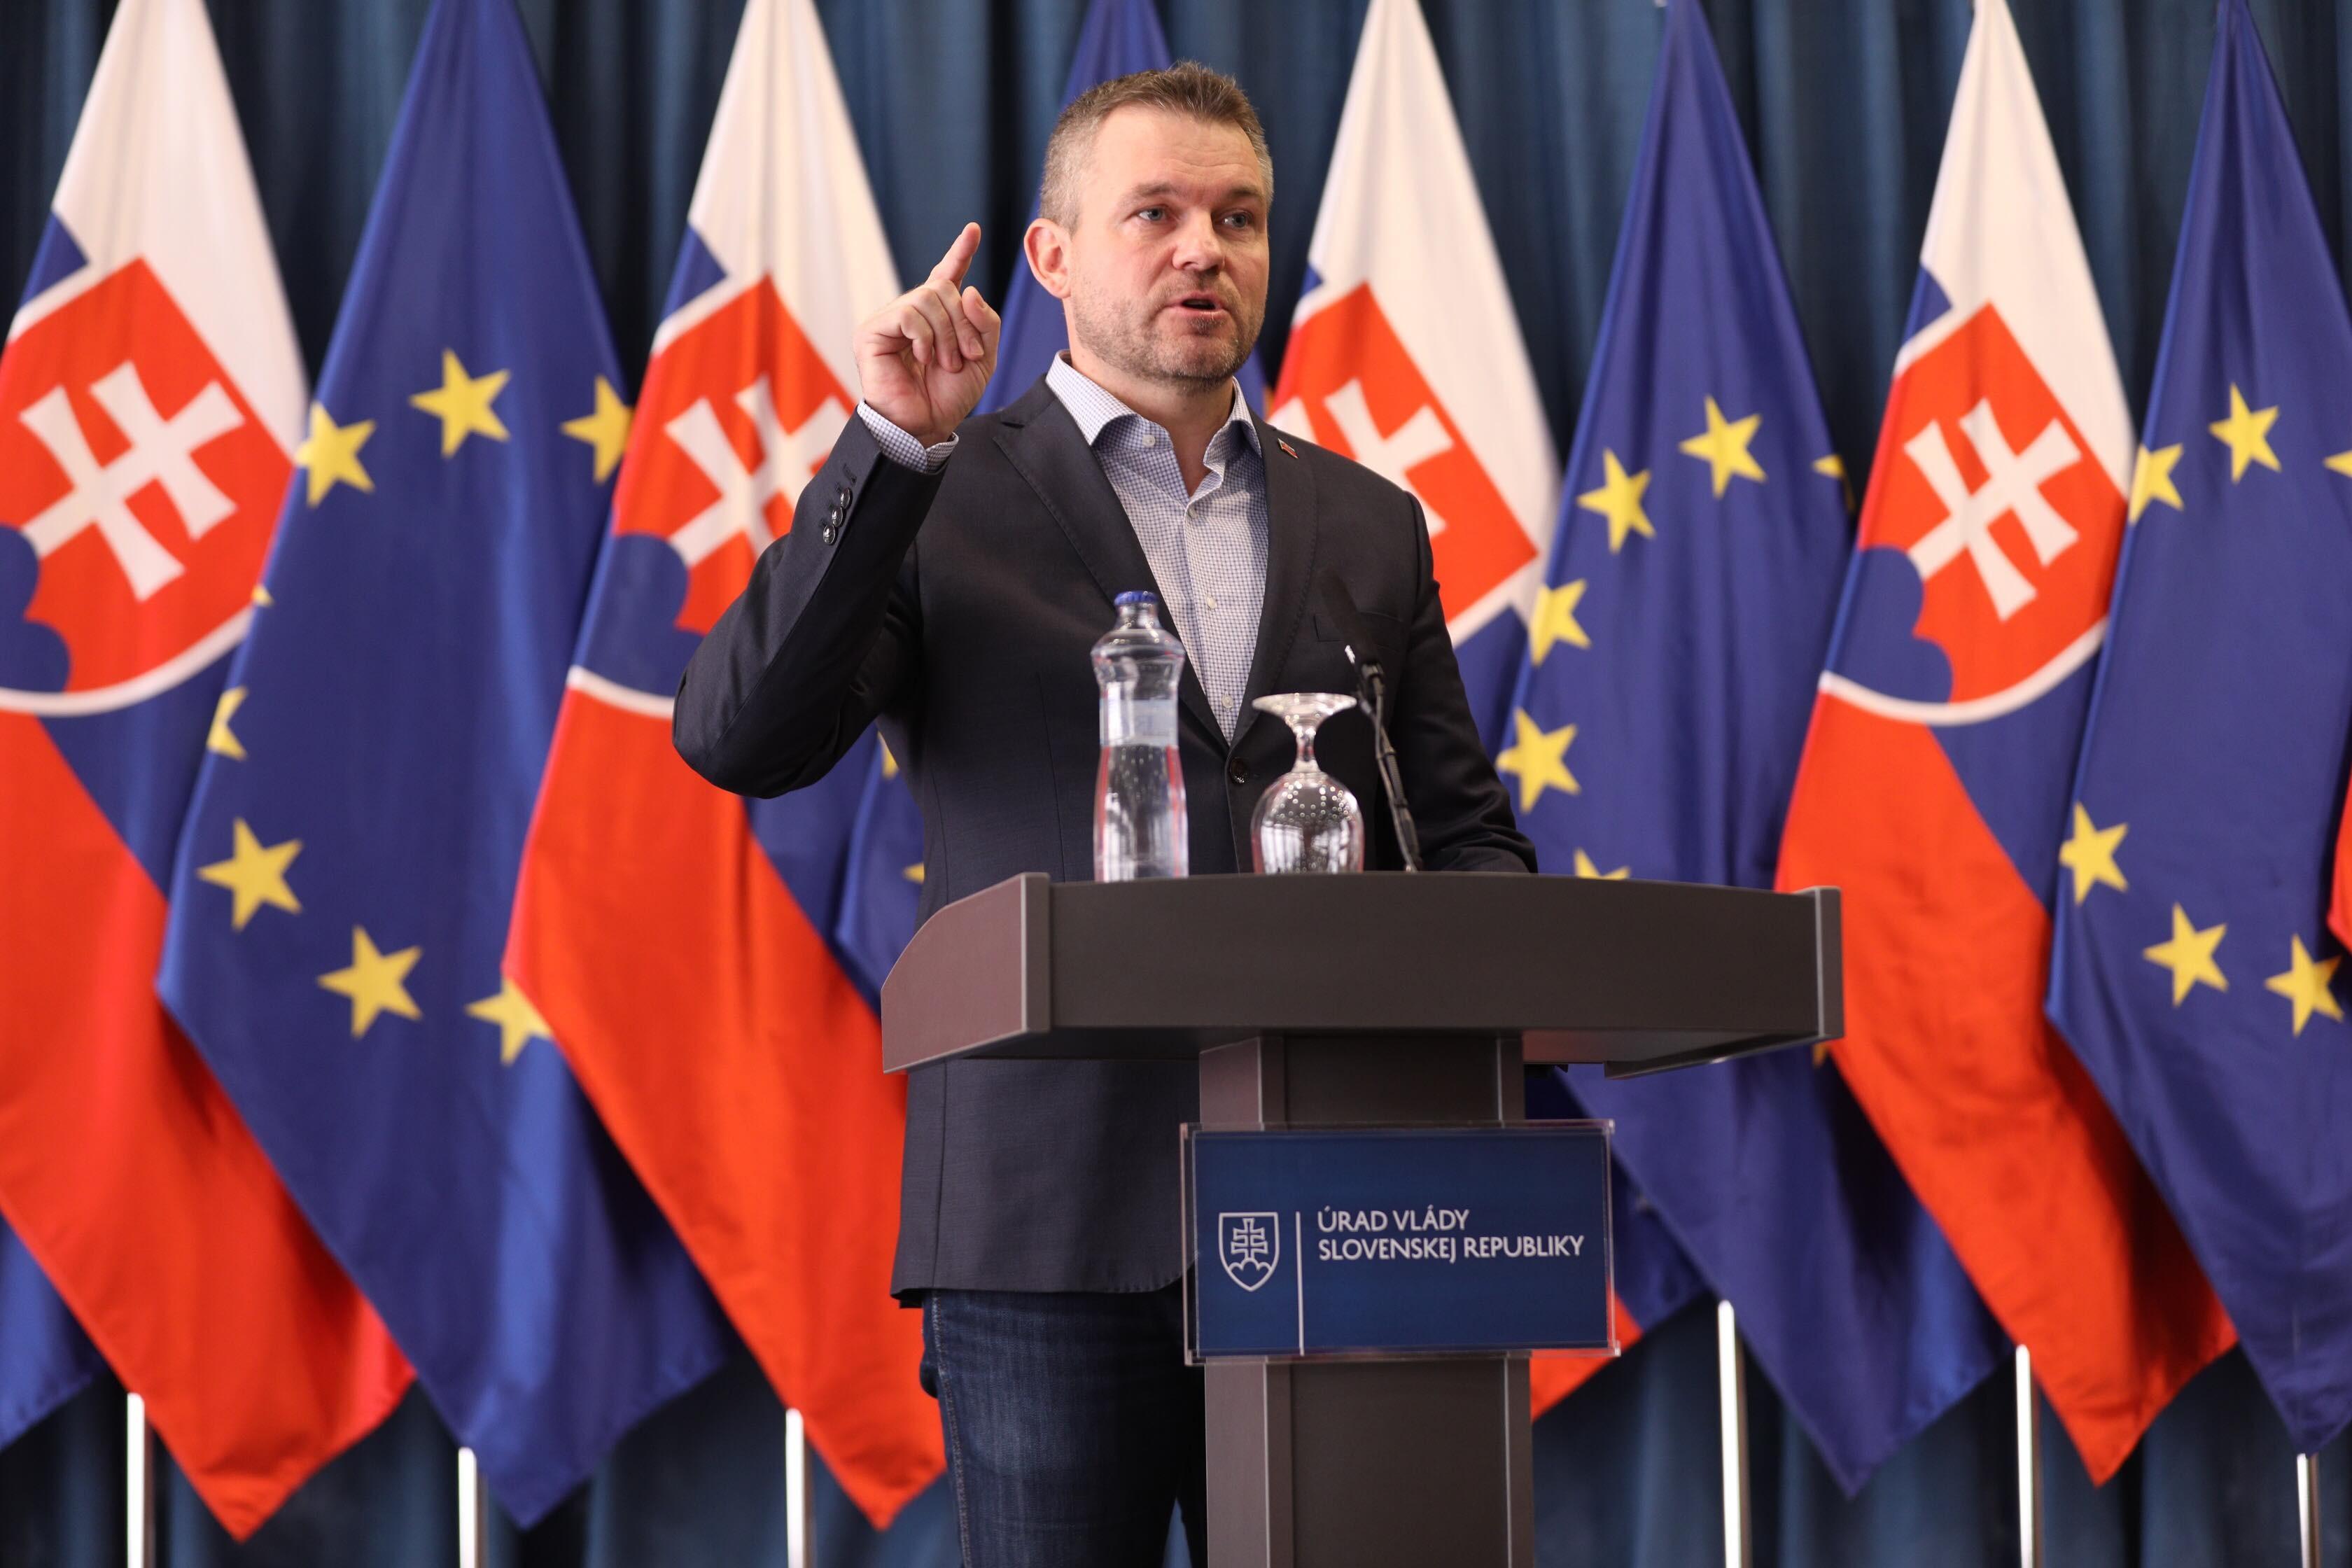 Calendario Wpt 2019 Más Reciente Slovensko Vyhostilo Ruského Å¡pi³na